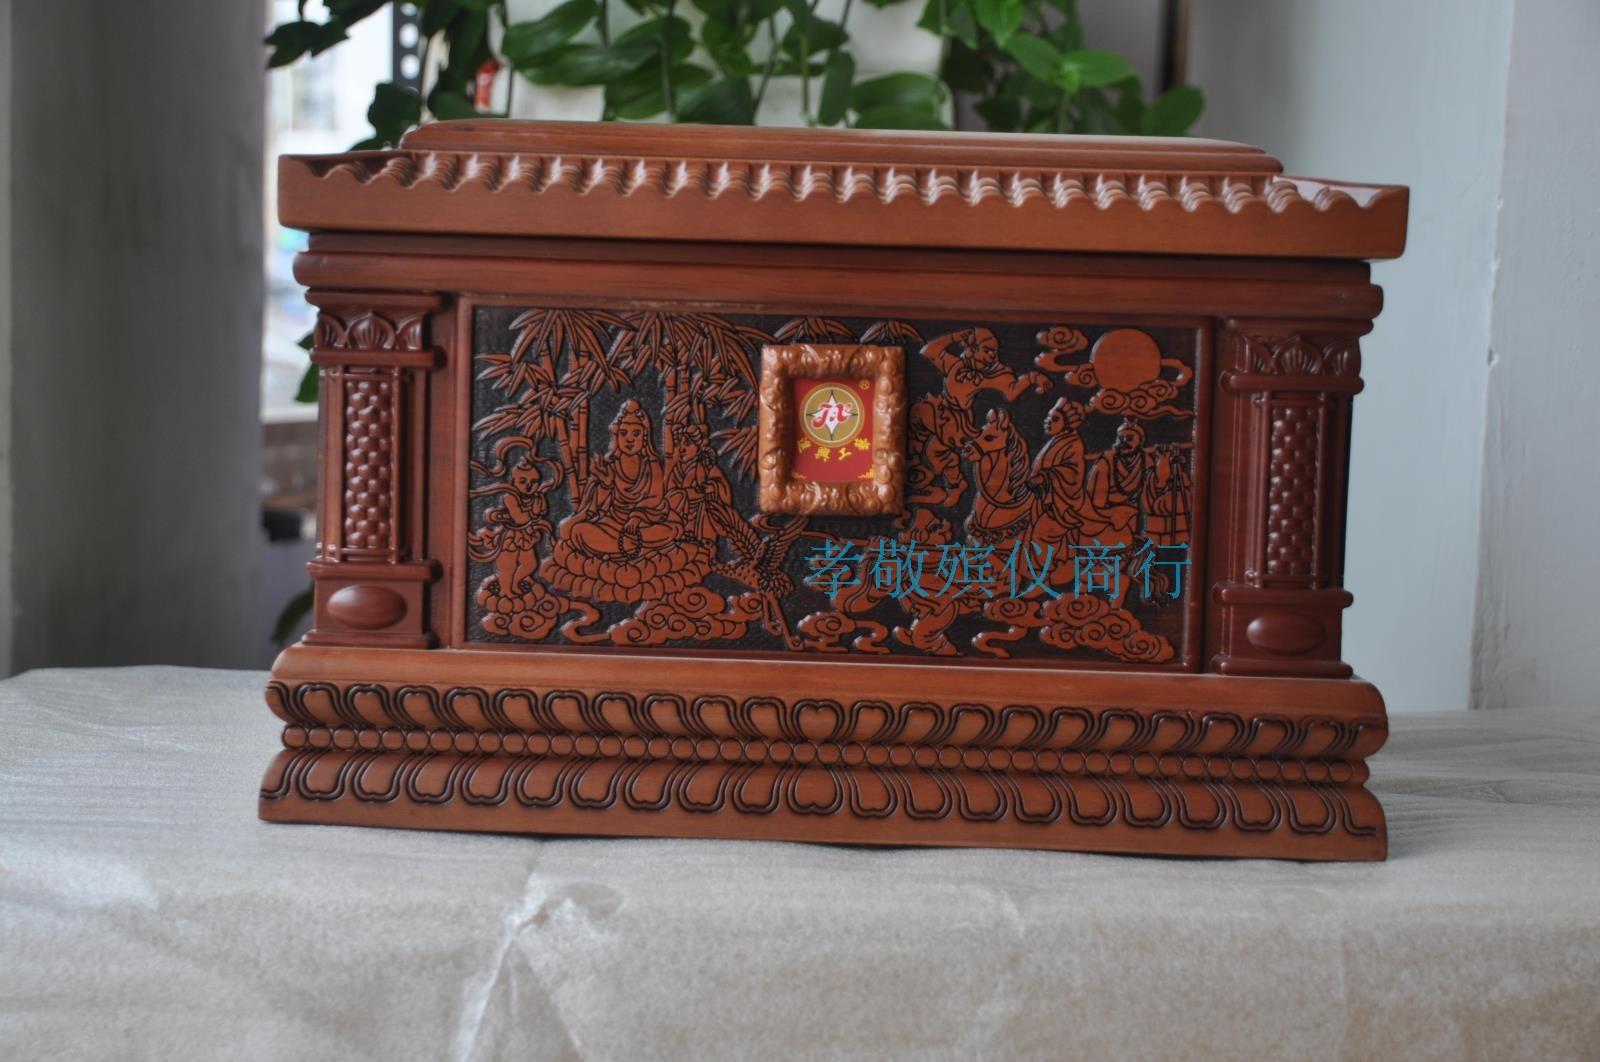 驾鹤西游,材料红檀木骨灰盒,区号士2木质防潮盒